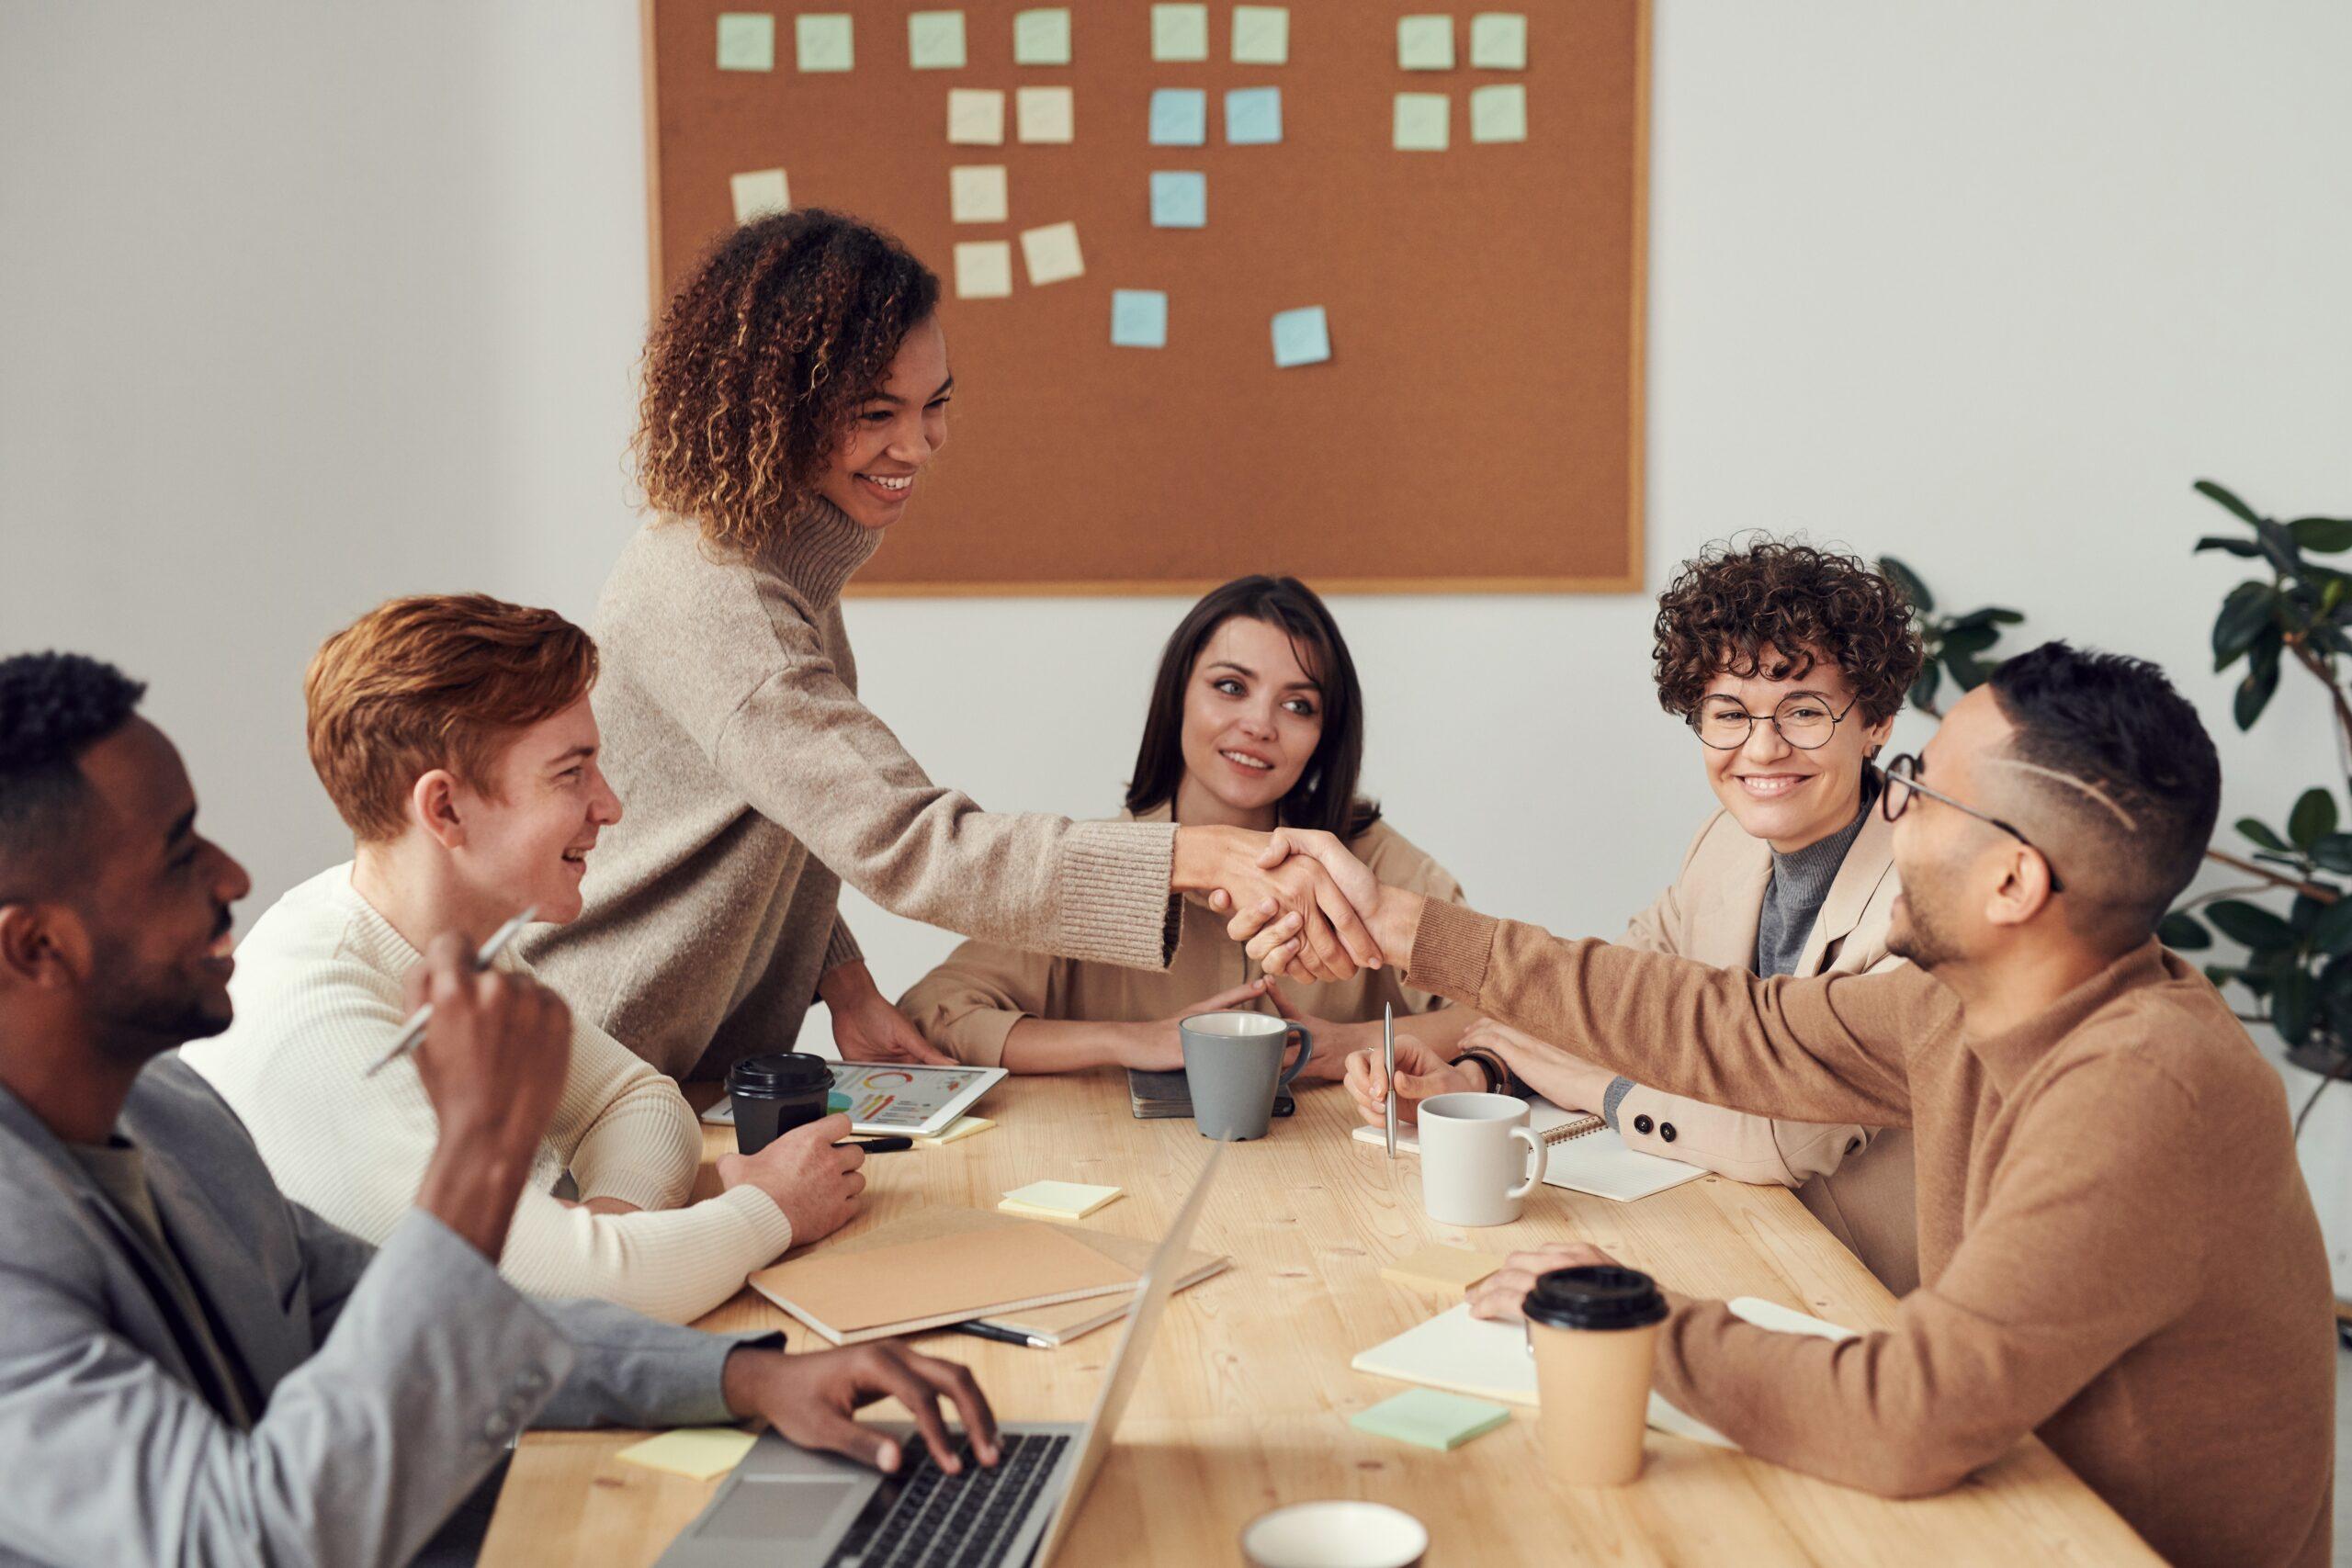 Costruire le Action Lines (linee d'azione) nella vendita strategica.